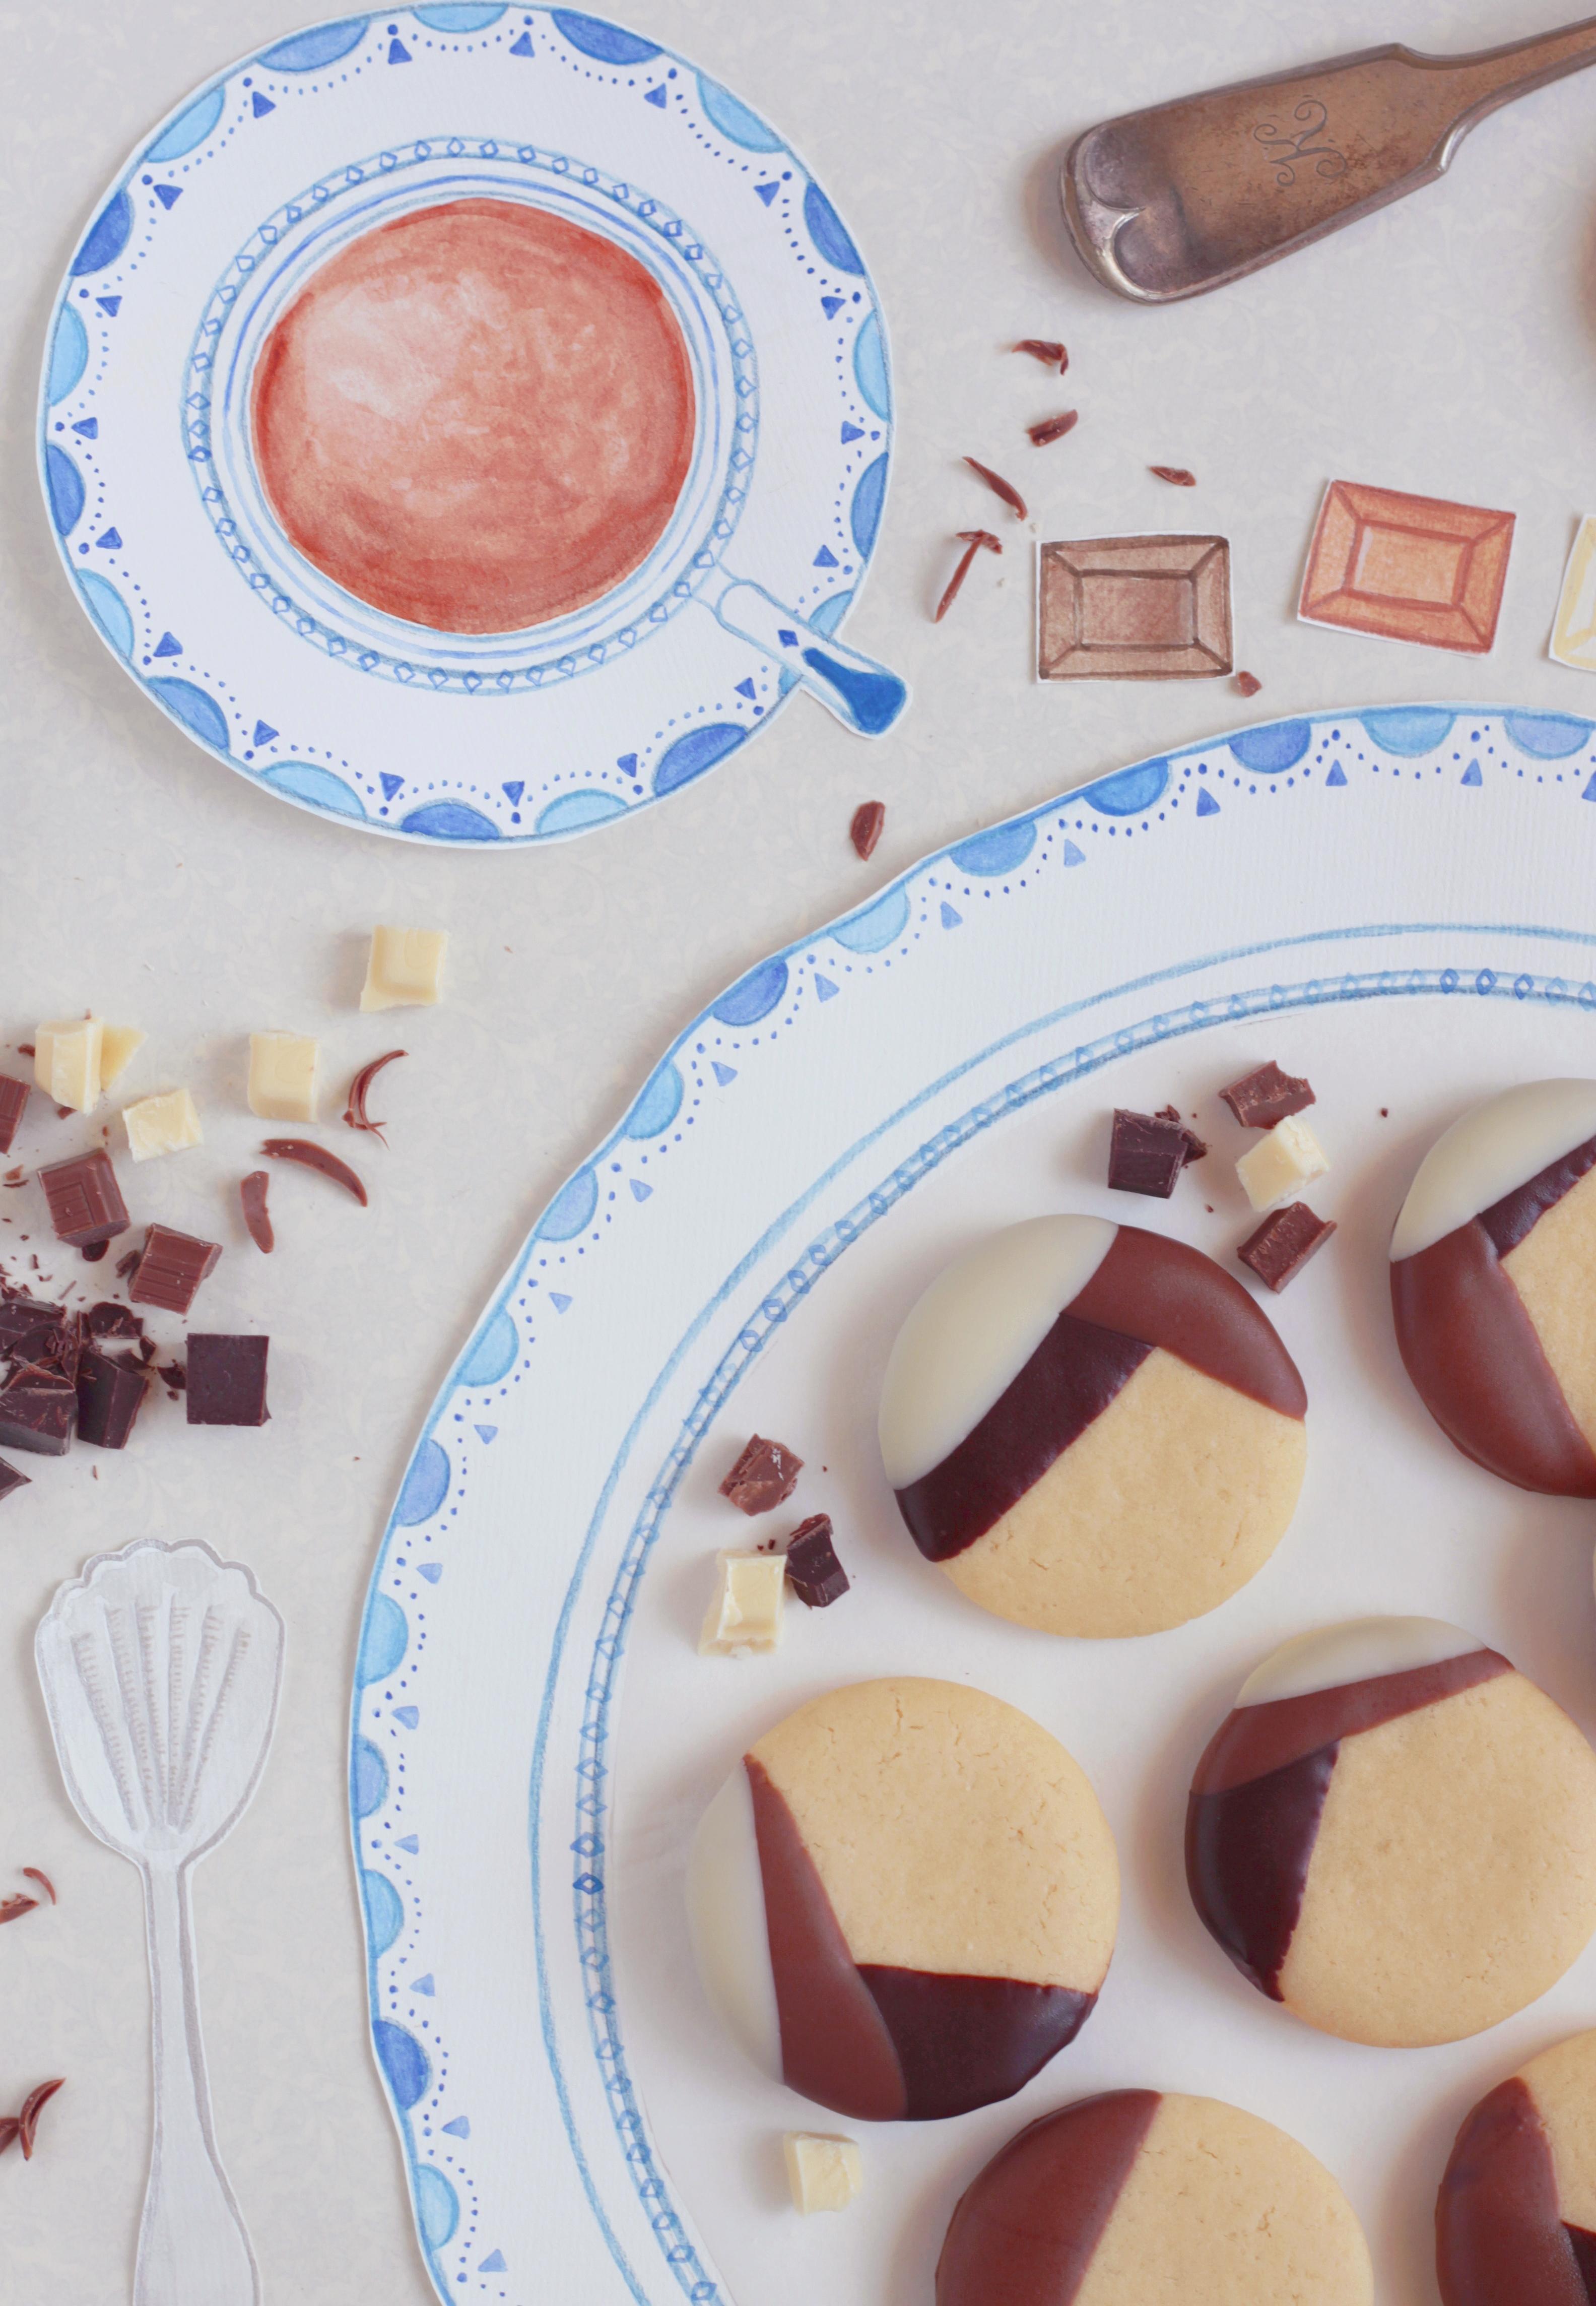 Kandinskij's biscuits